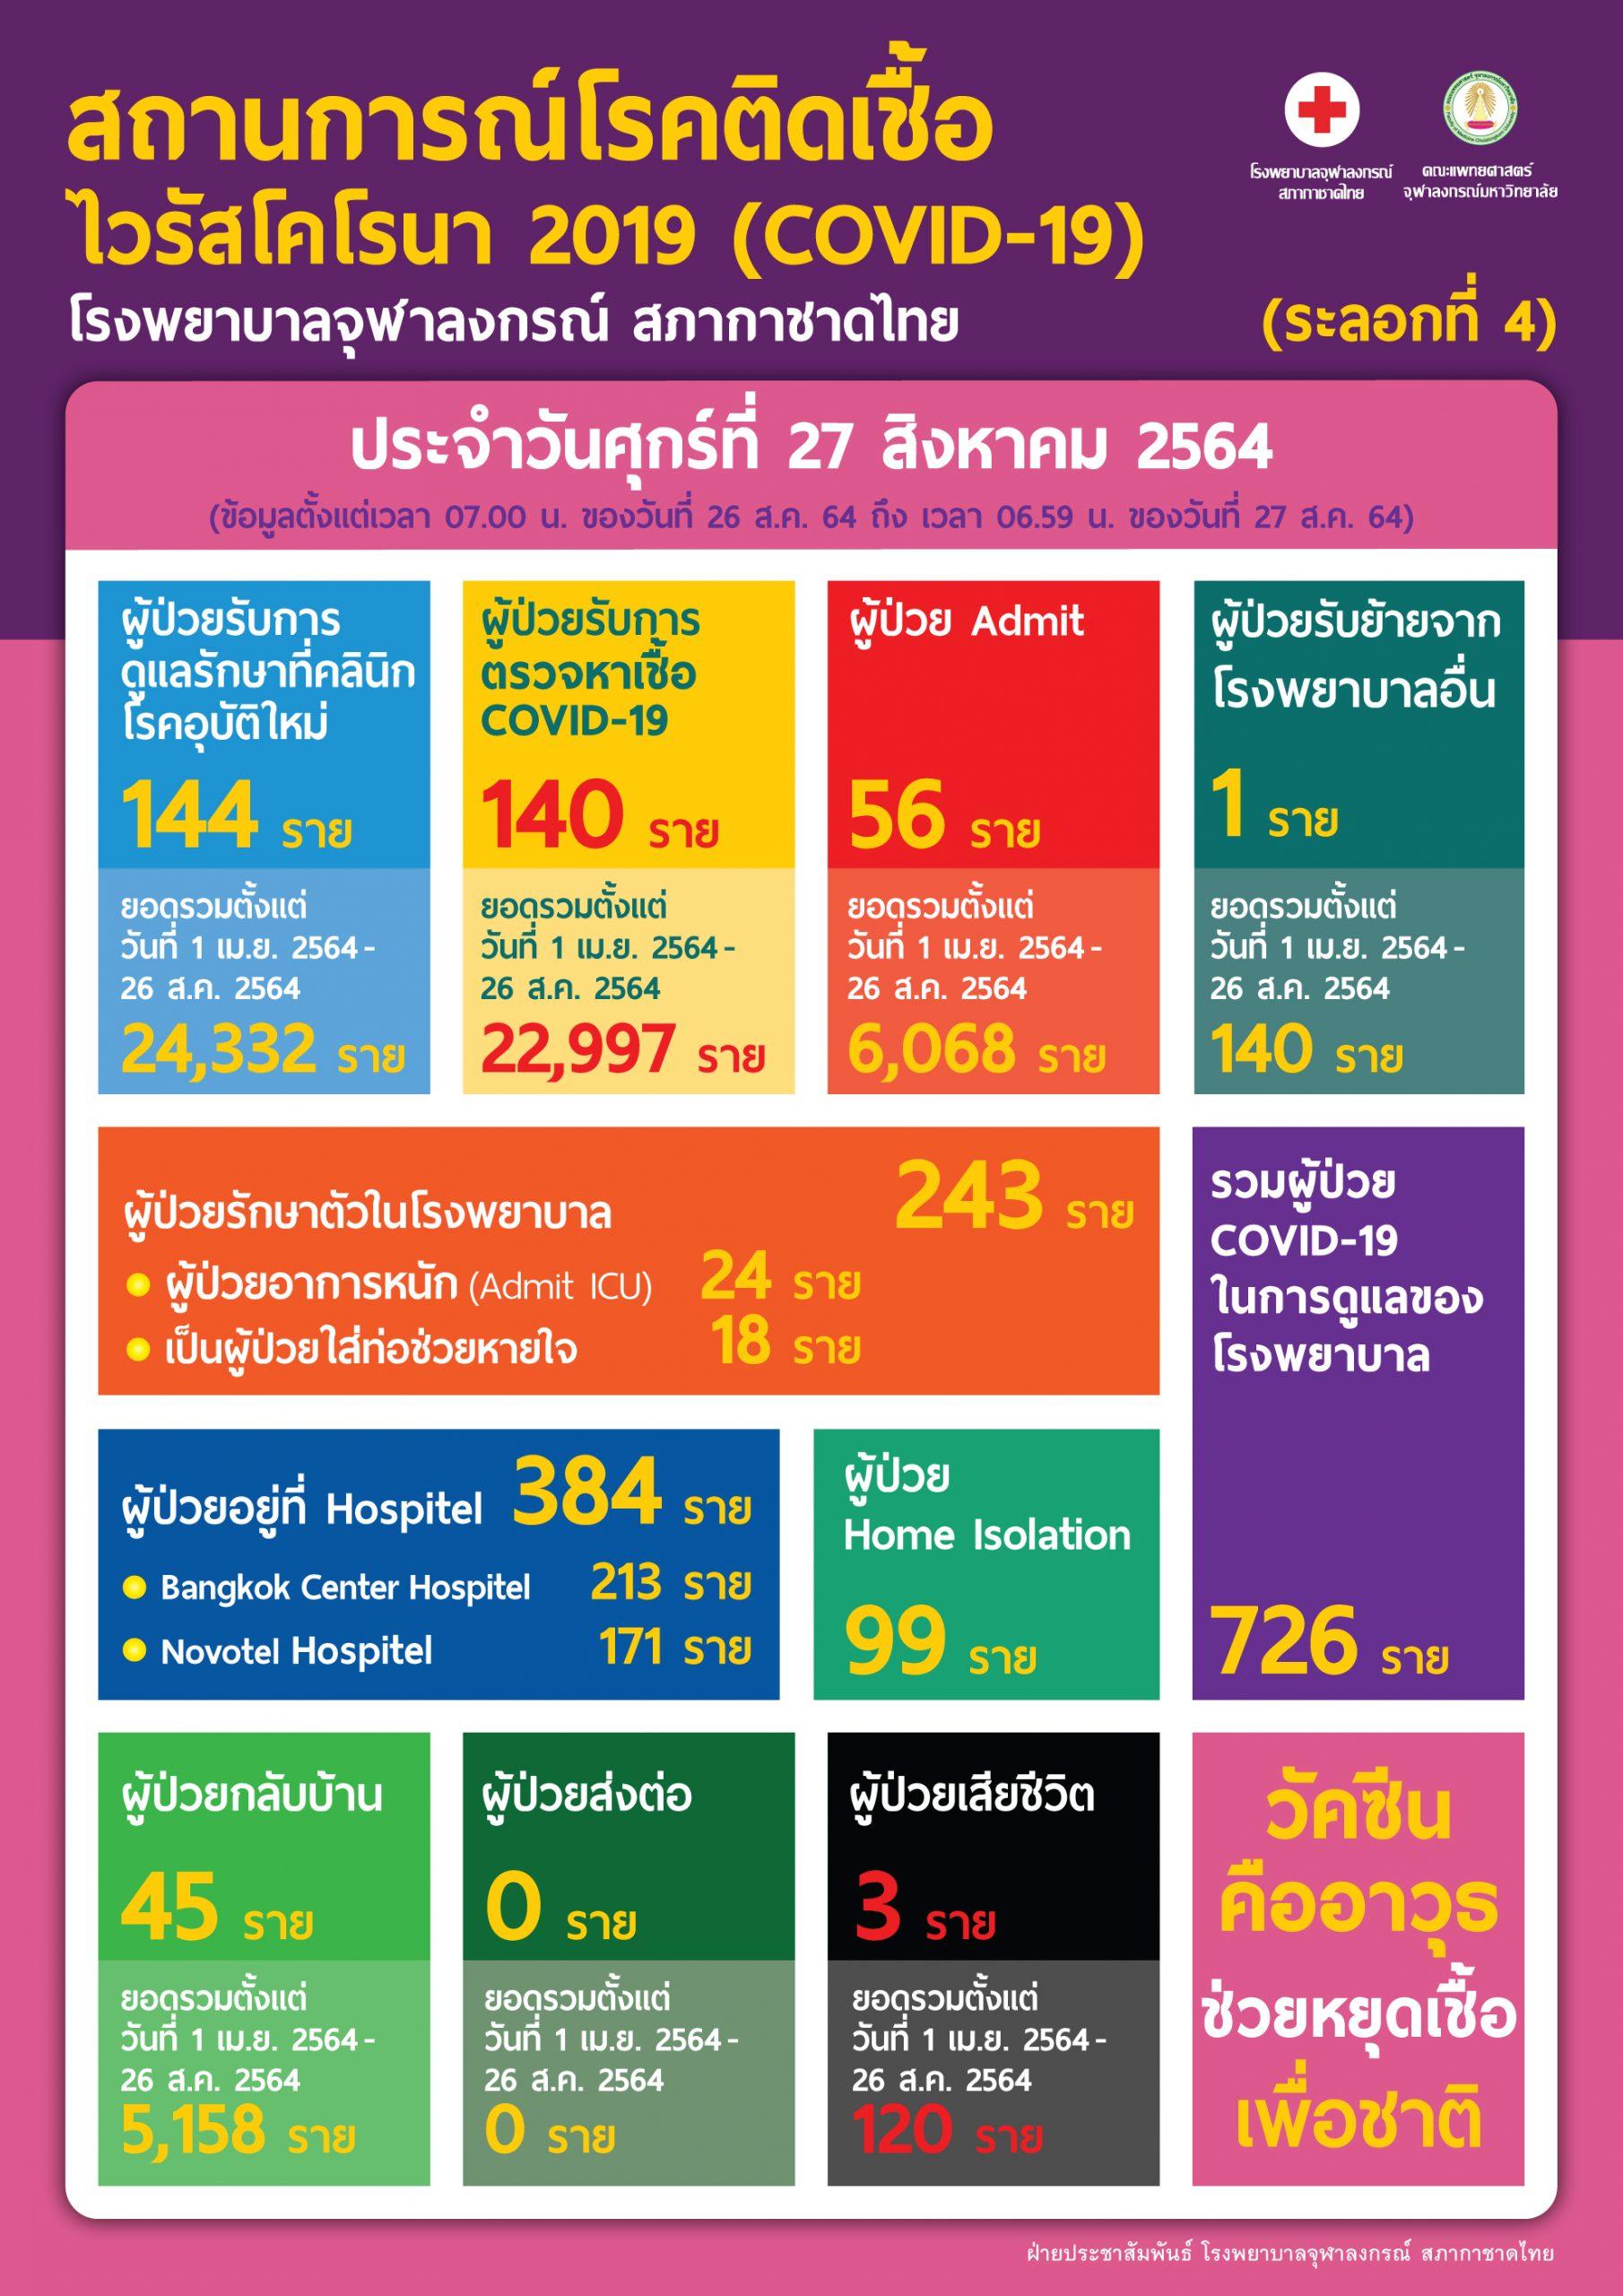 สถานการณ์โรคติดเชื้อไวรัสโคโรนา 2019 (COVID-19) (ระลอกที่ 4) โรงพยาบาลจุฬาลงกรณ์ สภากาชาดไทย ประจำวันศุกร์ที่ 27 สิงหาคม 2564